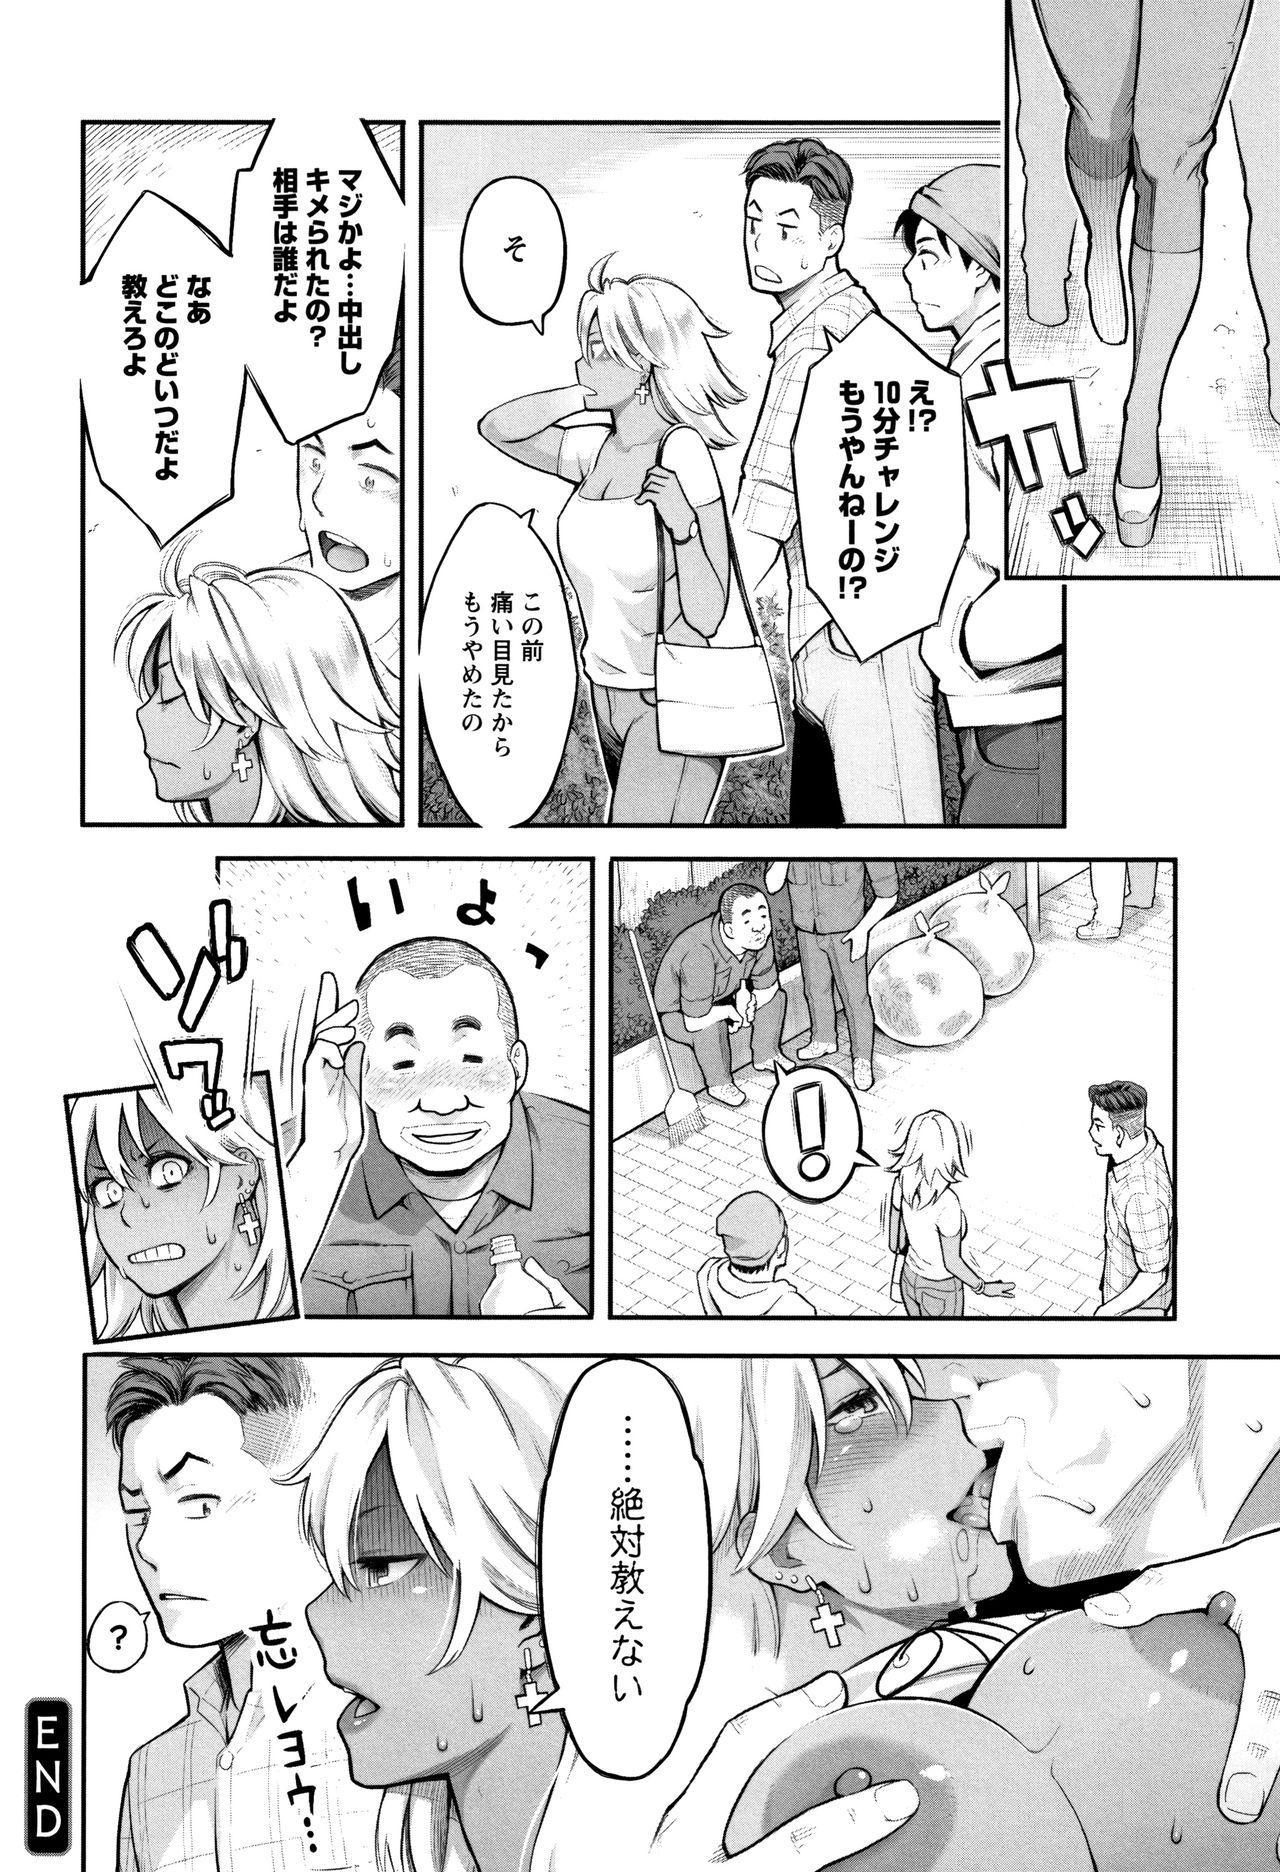 Toketa Risei wa Biyaku no Kaori 60